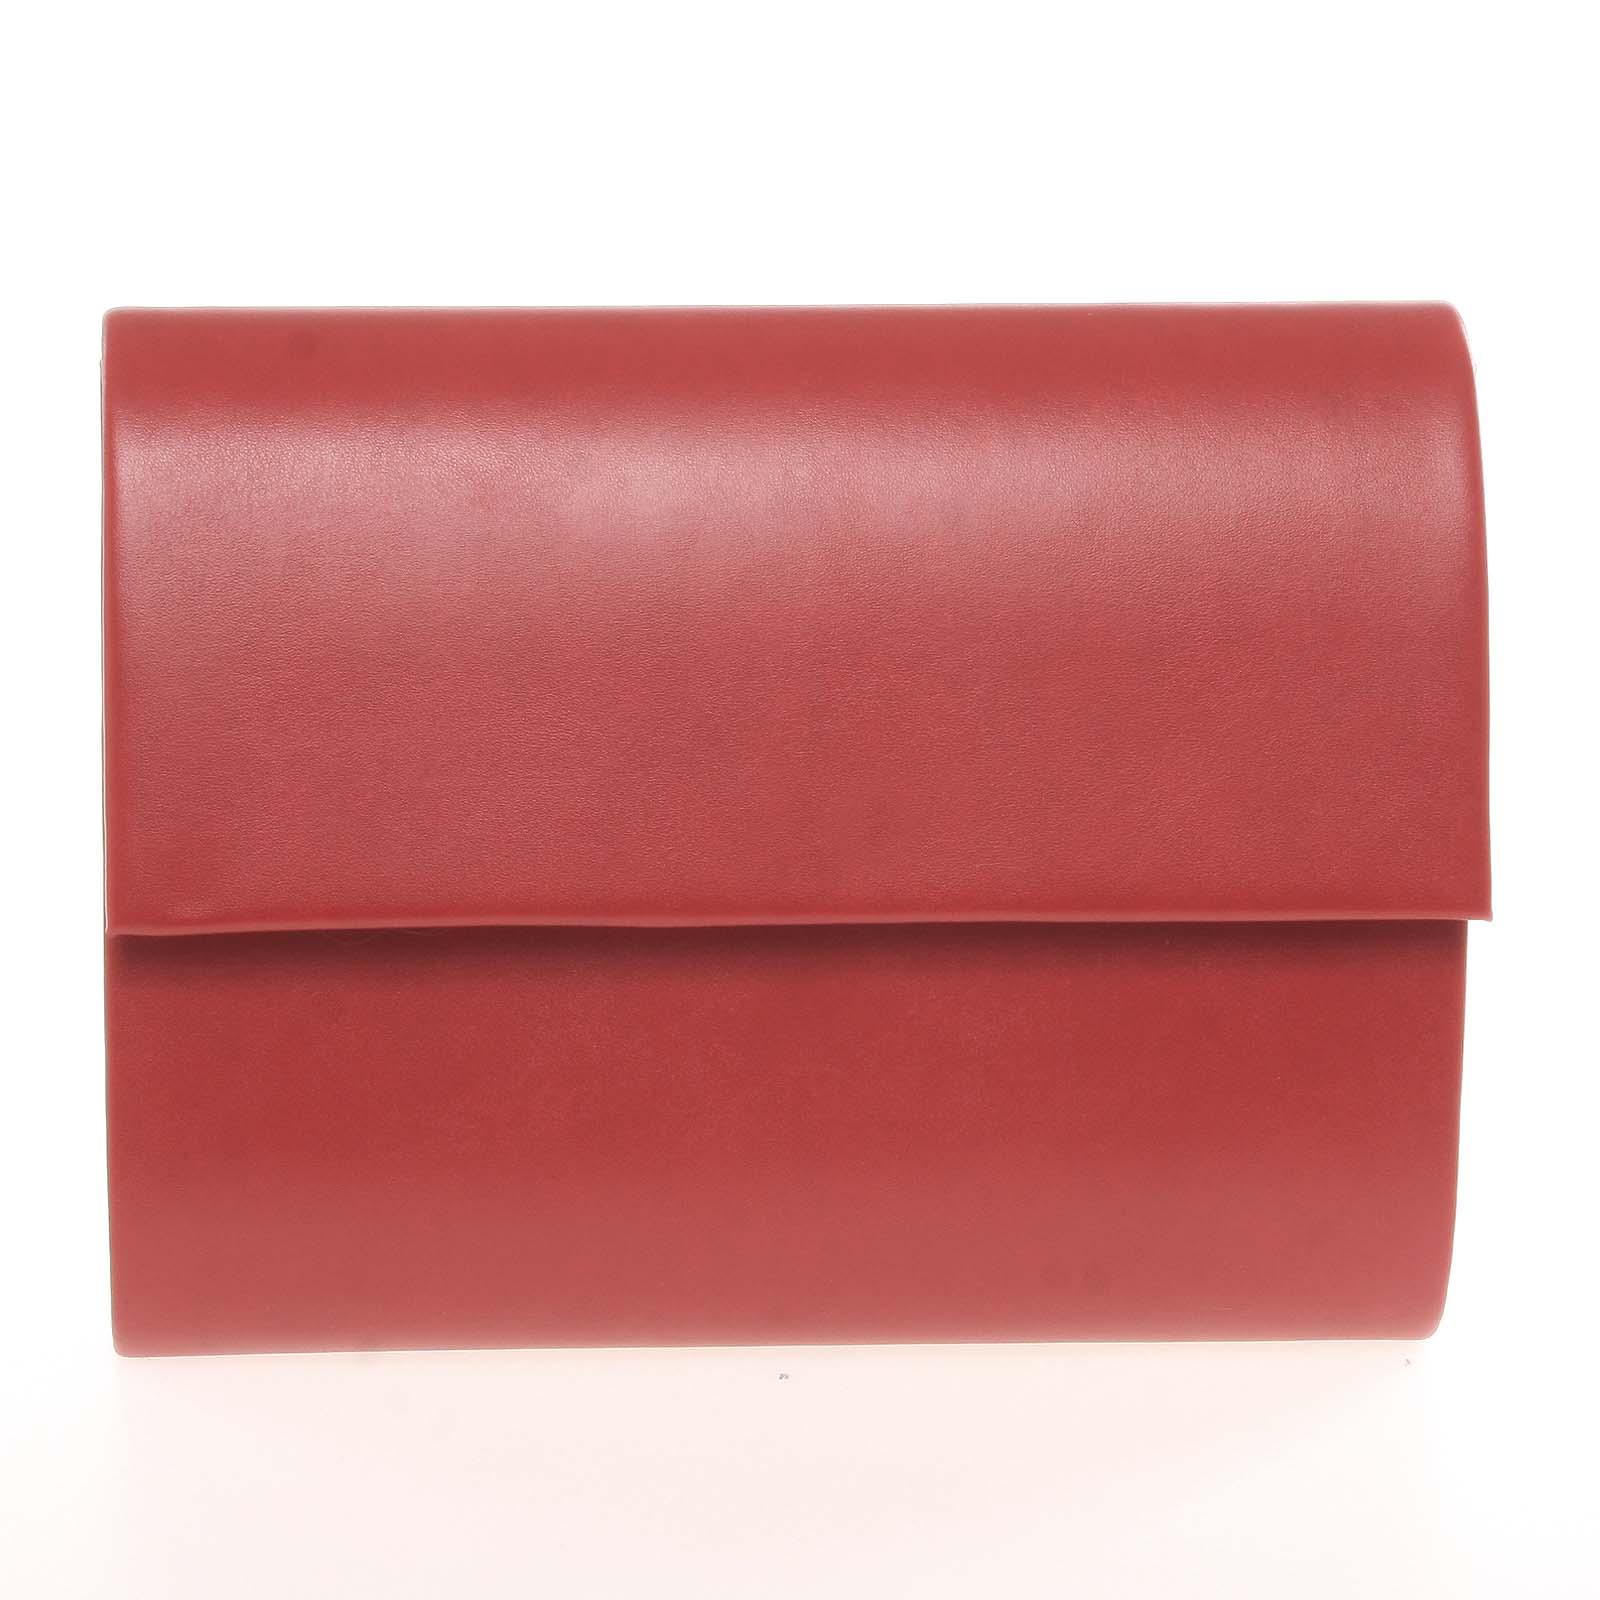 Střední dámské elegantní psaníčko červené matné - Delami SanDiego